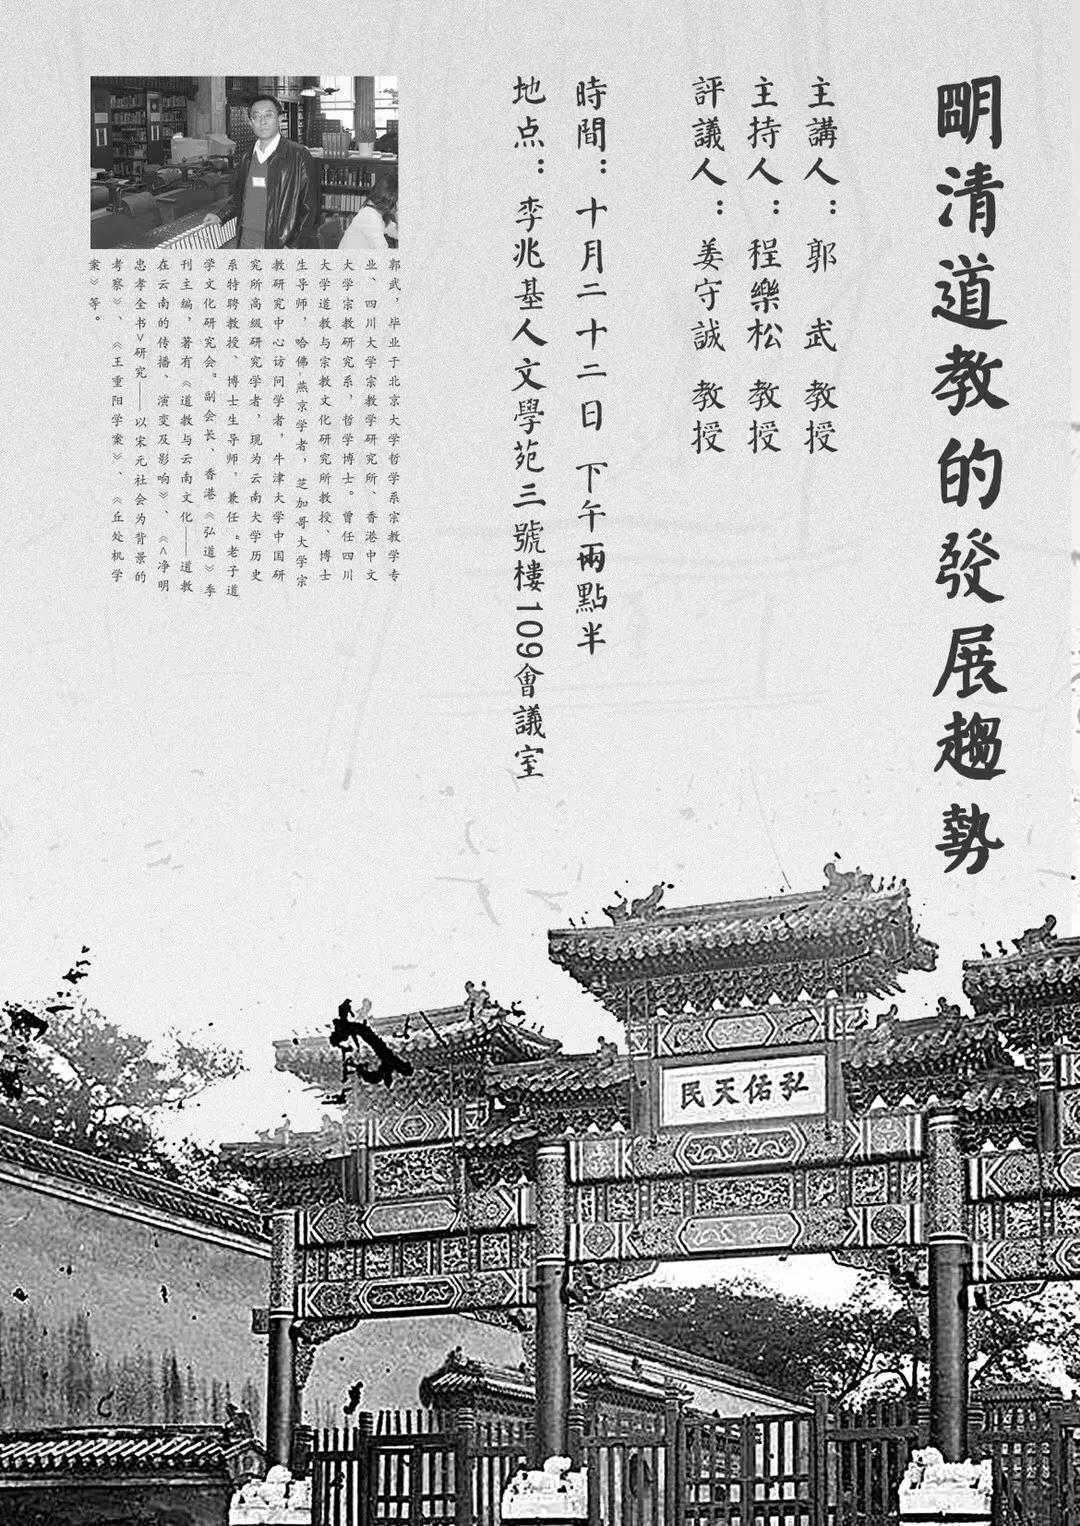 講座預告:郭武教授《明清道教的發展趨勢》